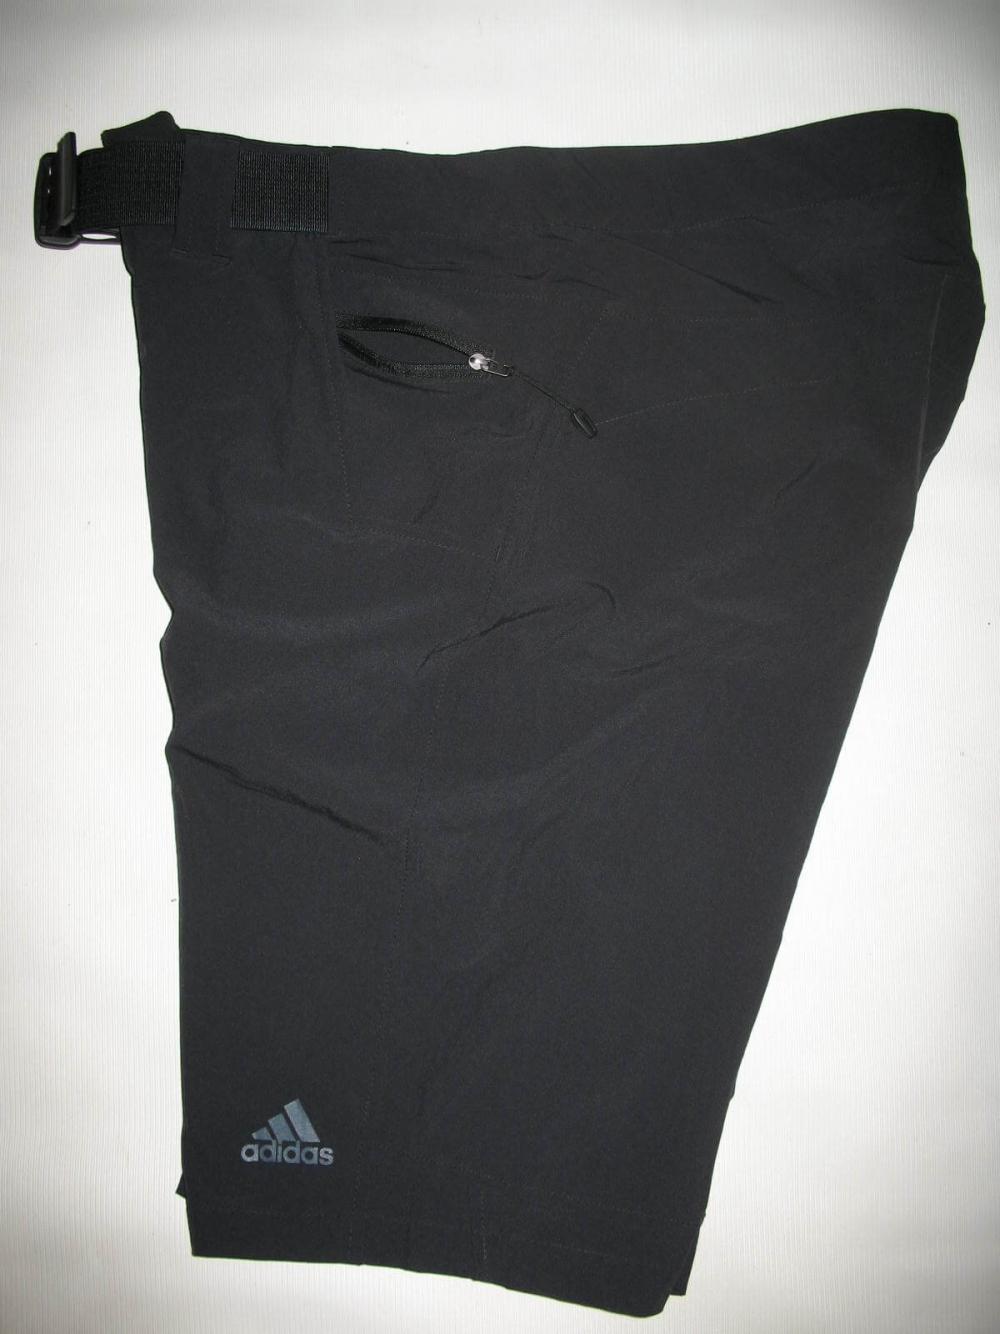 Шорты ADIDAS ht shorts (размер M) - 6